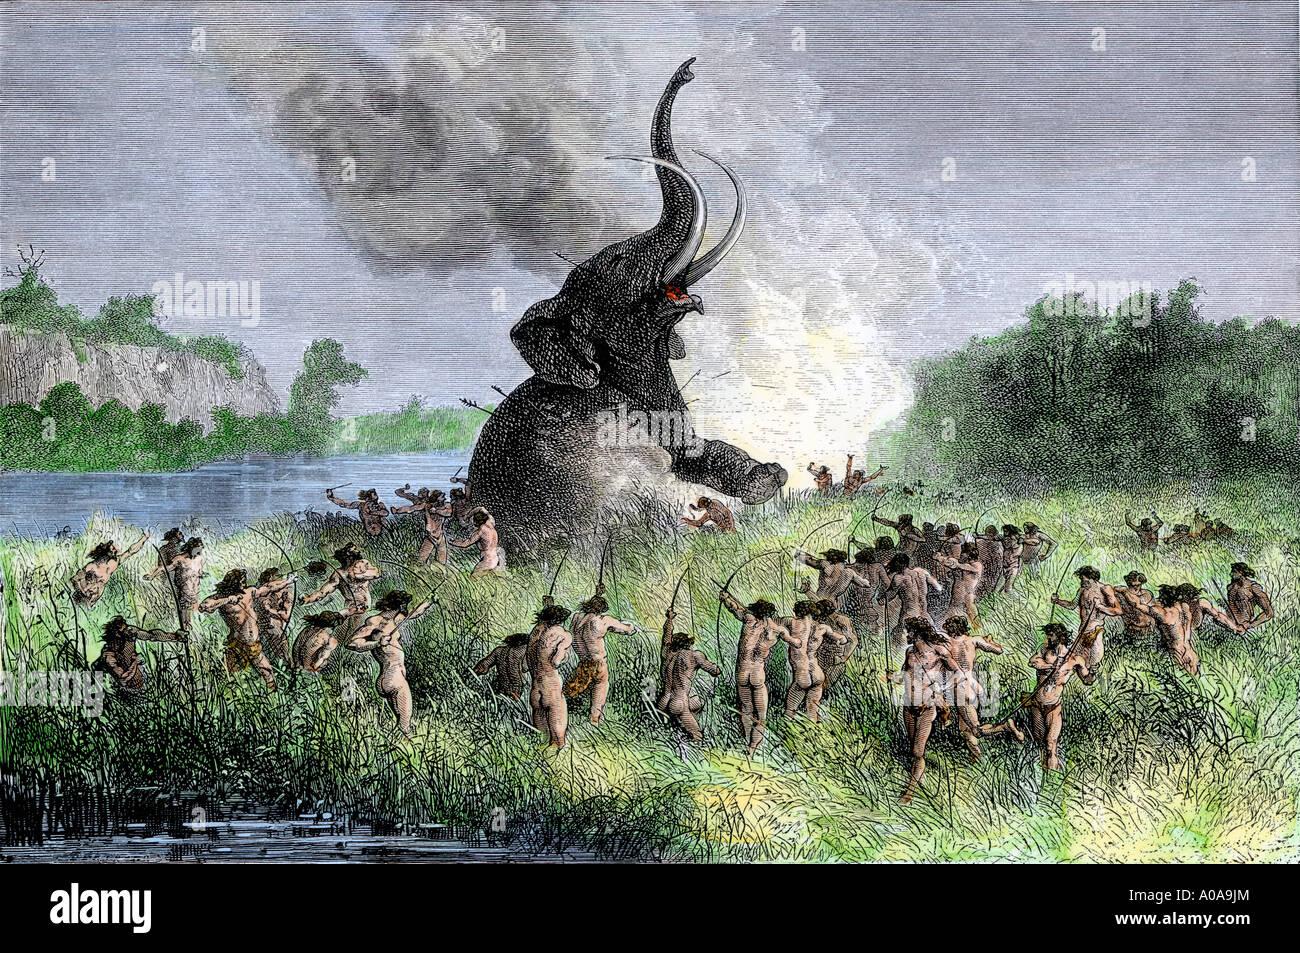 Wooly mammoth cazadores prehistóricos usando arcos y flechas. Xilografía coloreada a mano Foto de stock